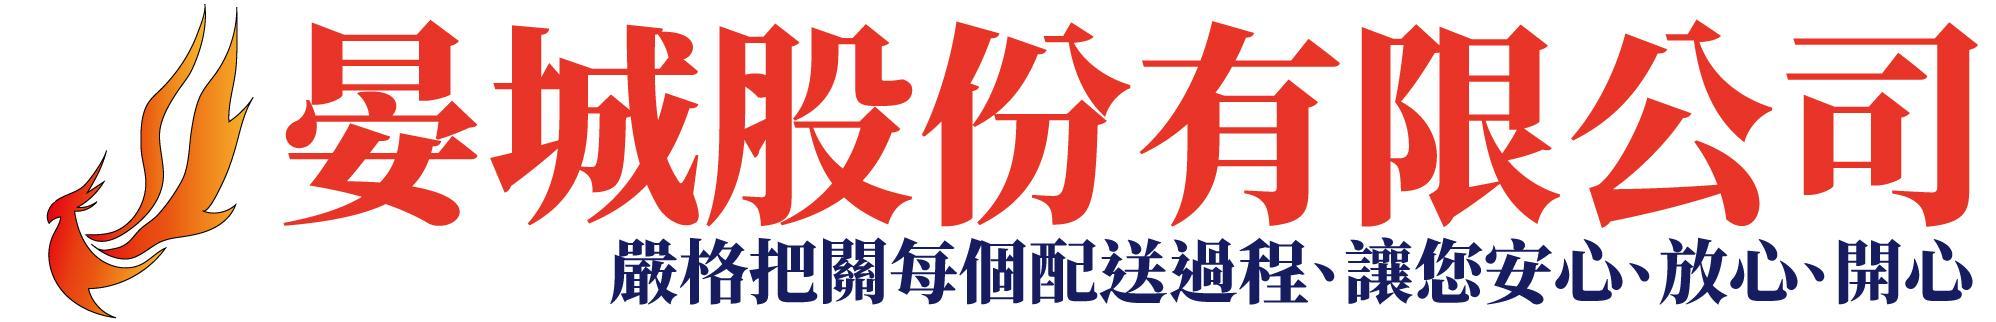 晏城股份有限公司